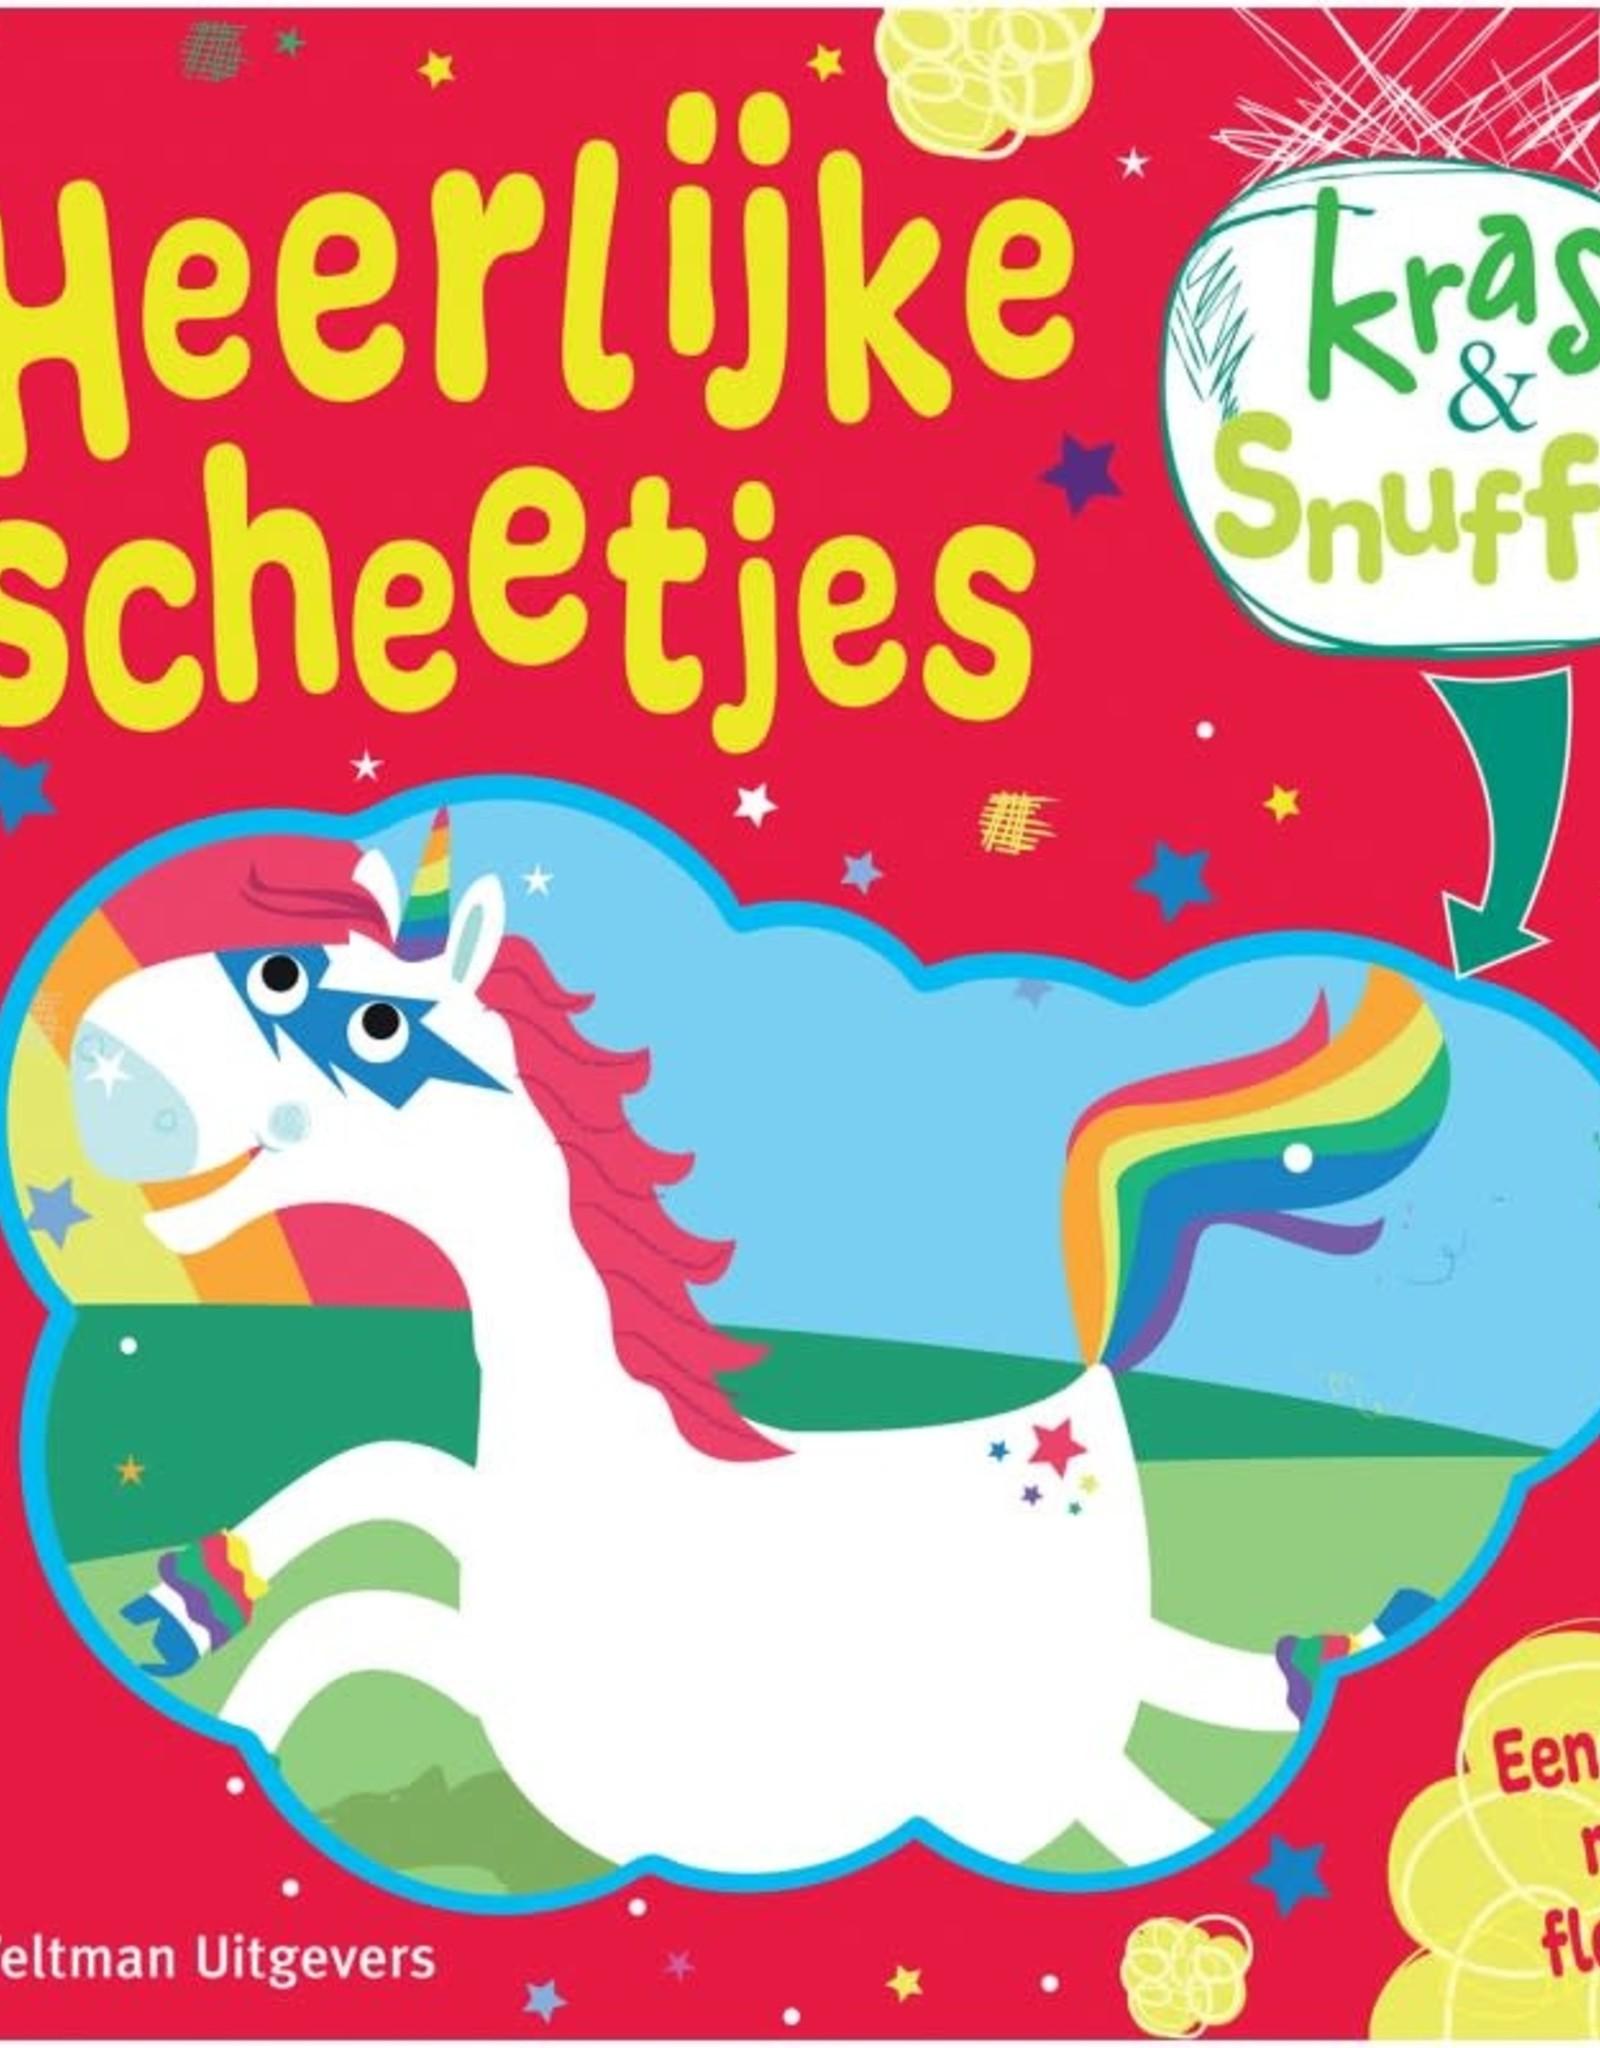 Heerlijke Scheetjes - Kras & Snuffel